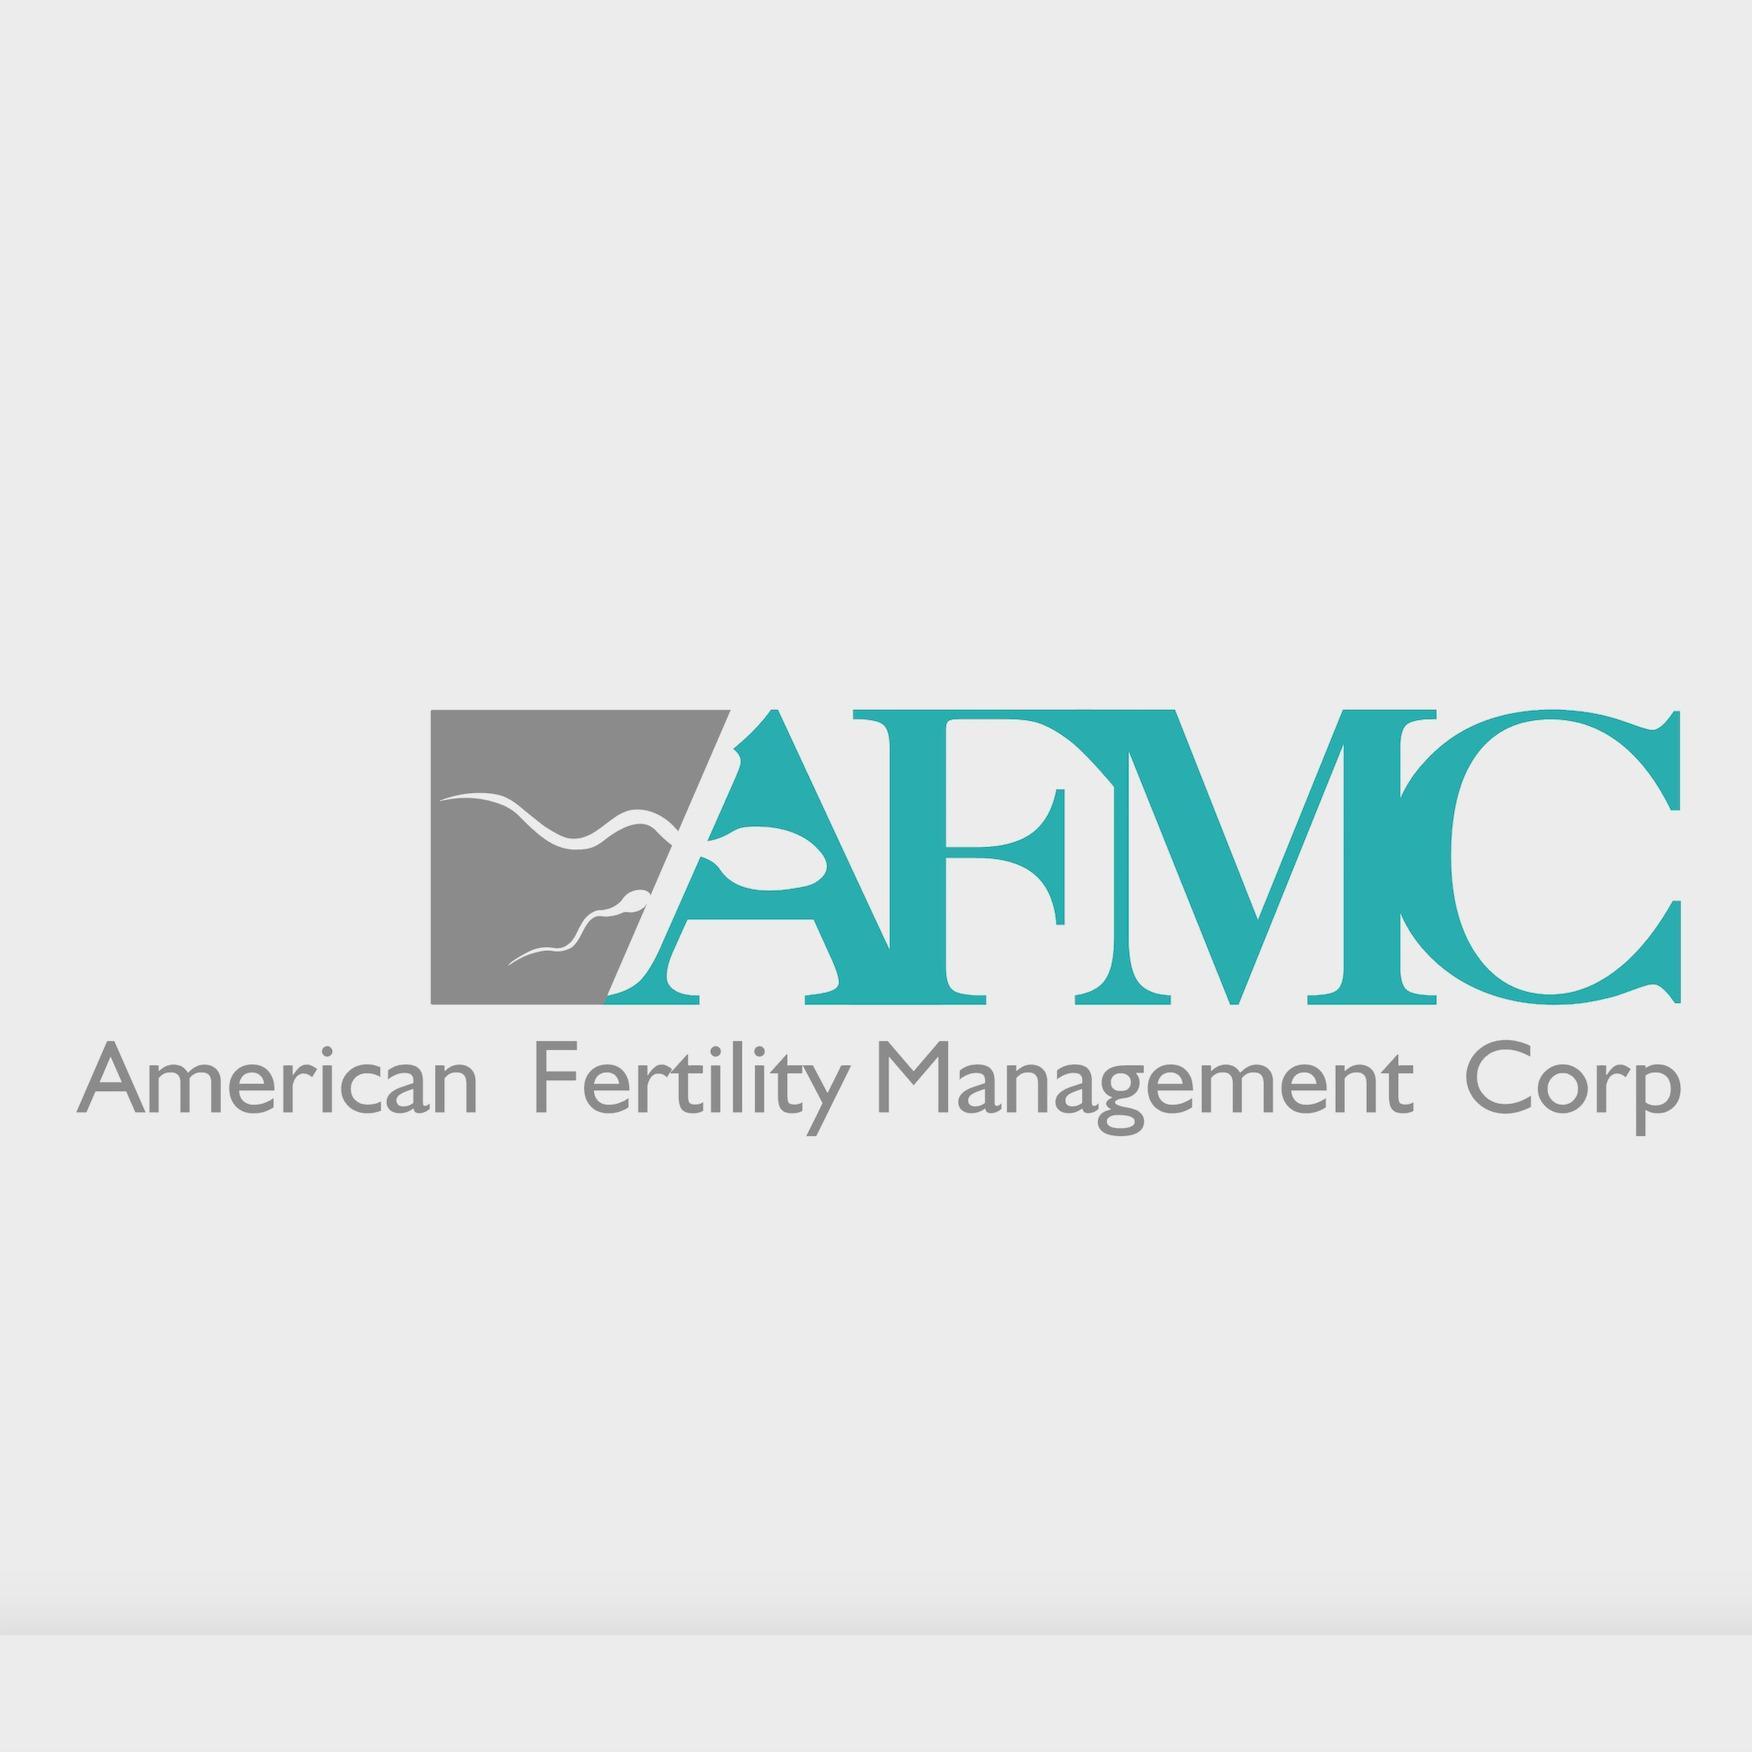 美國艾弗管理公司 AFMC